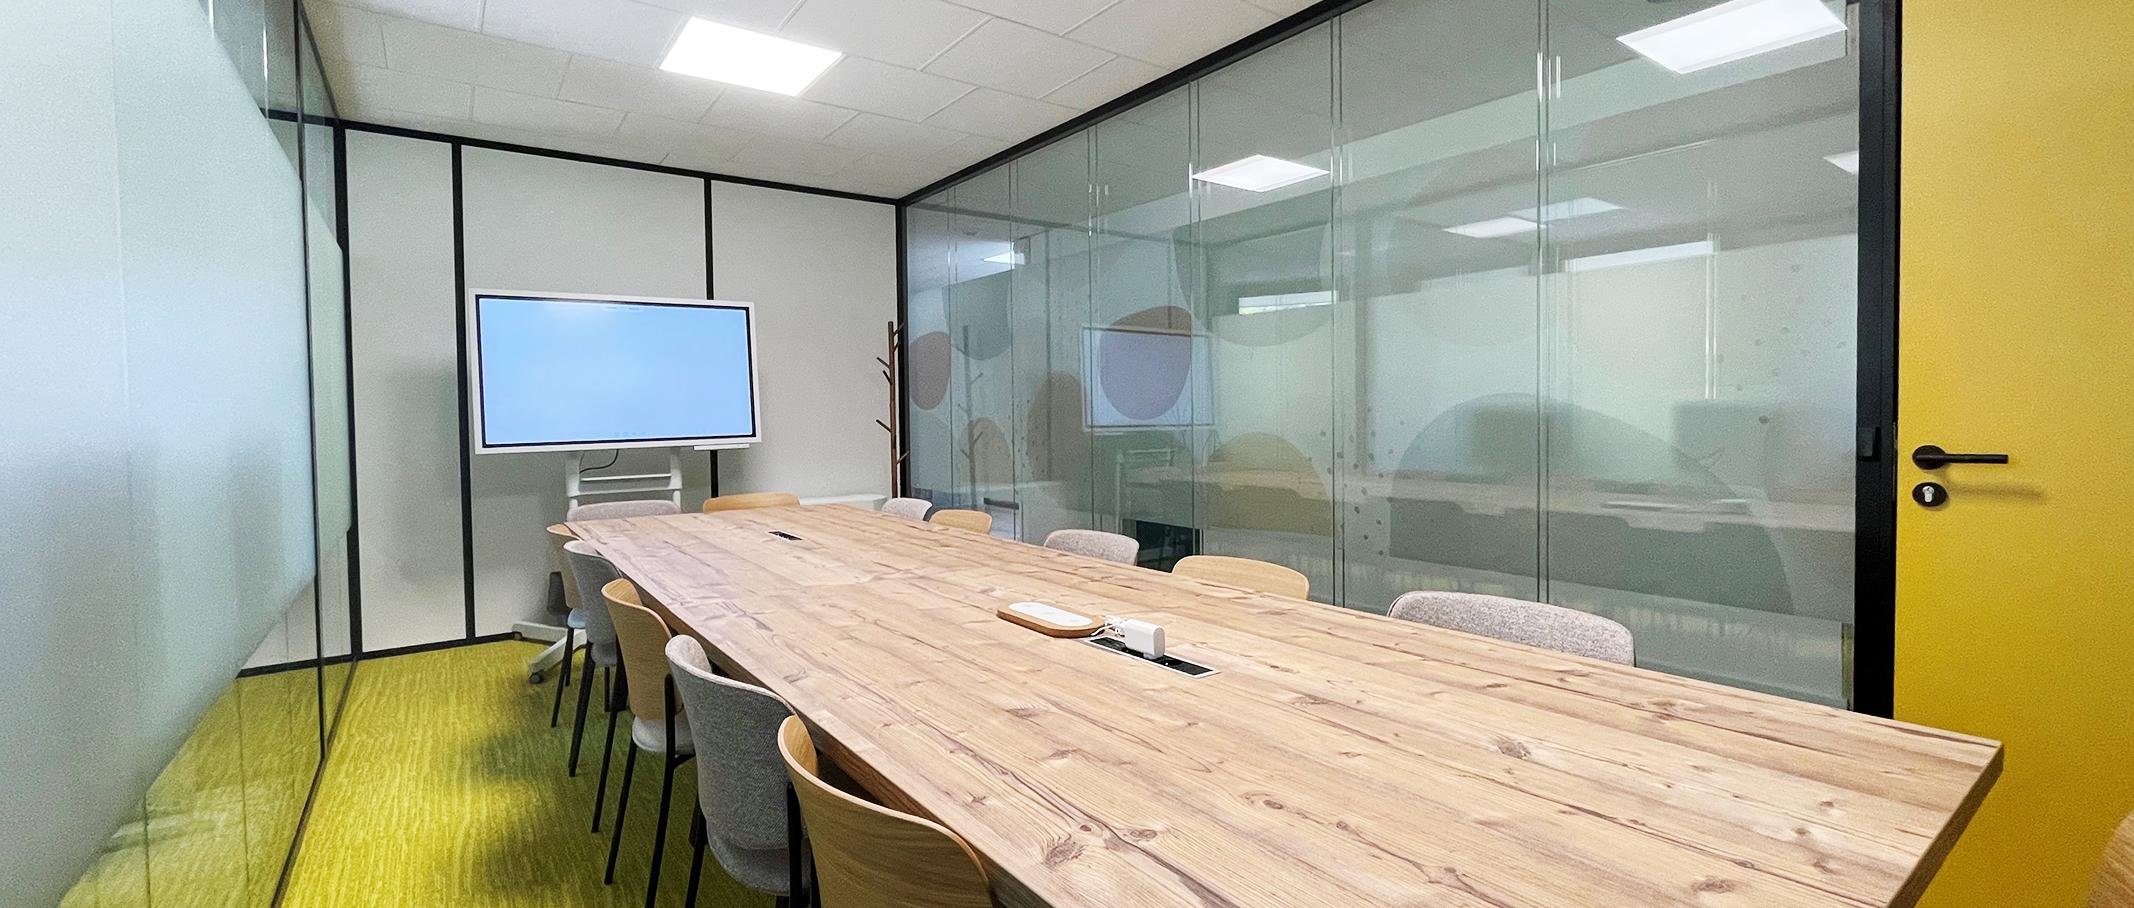 Location d'une salle de réunions à Aix-en-Provence - 10 personnes